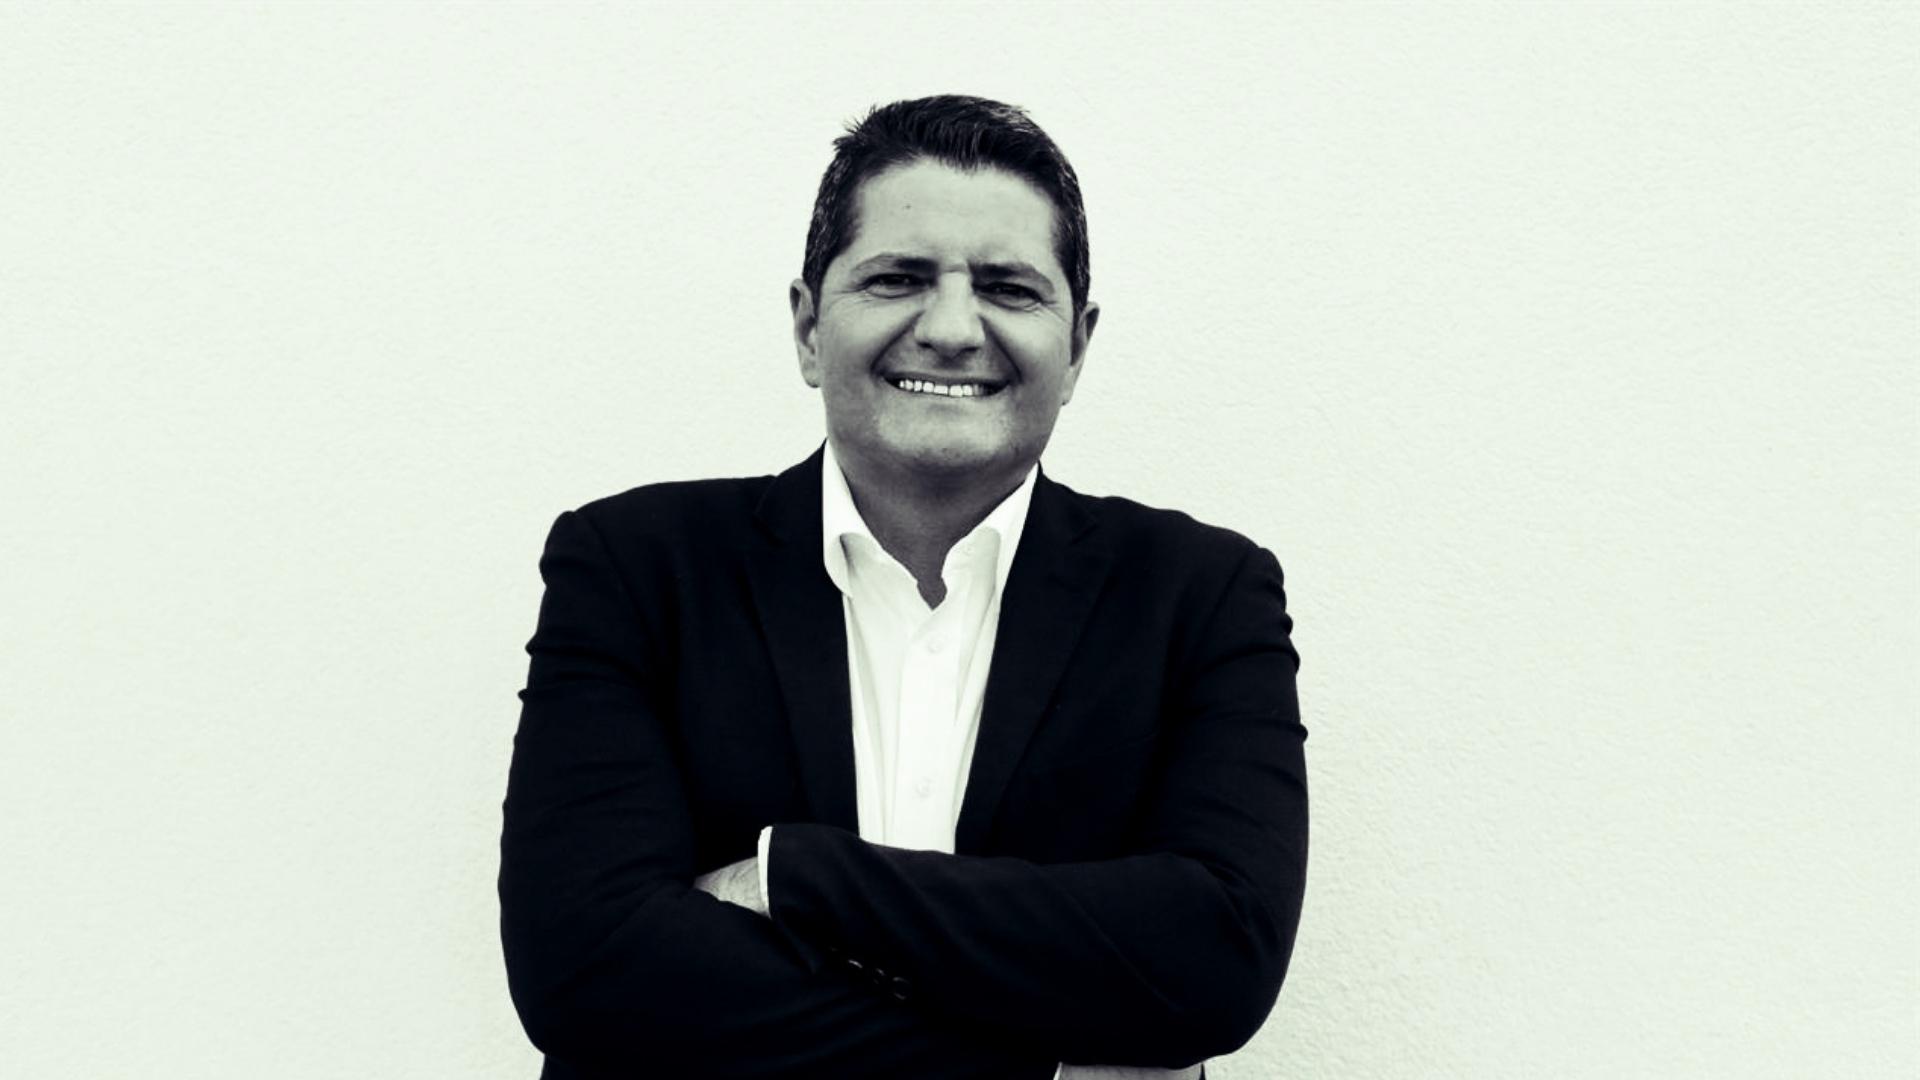 Marco Bentivogli: Le responsabilità delle élite